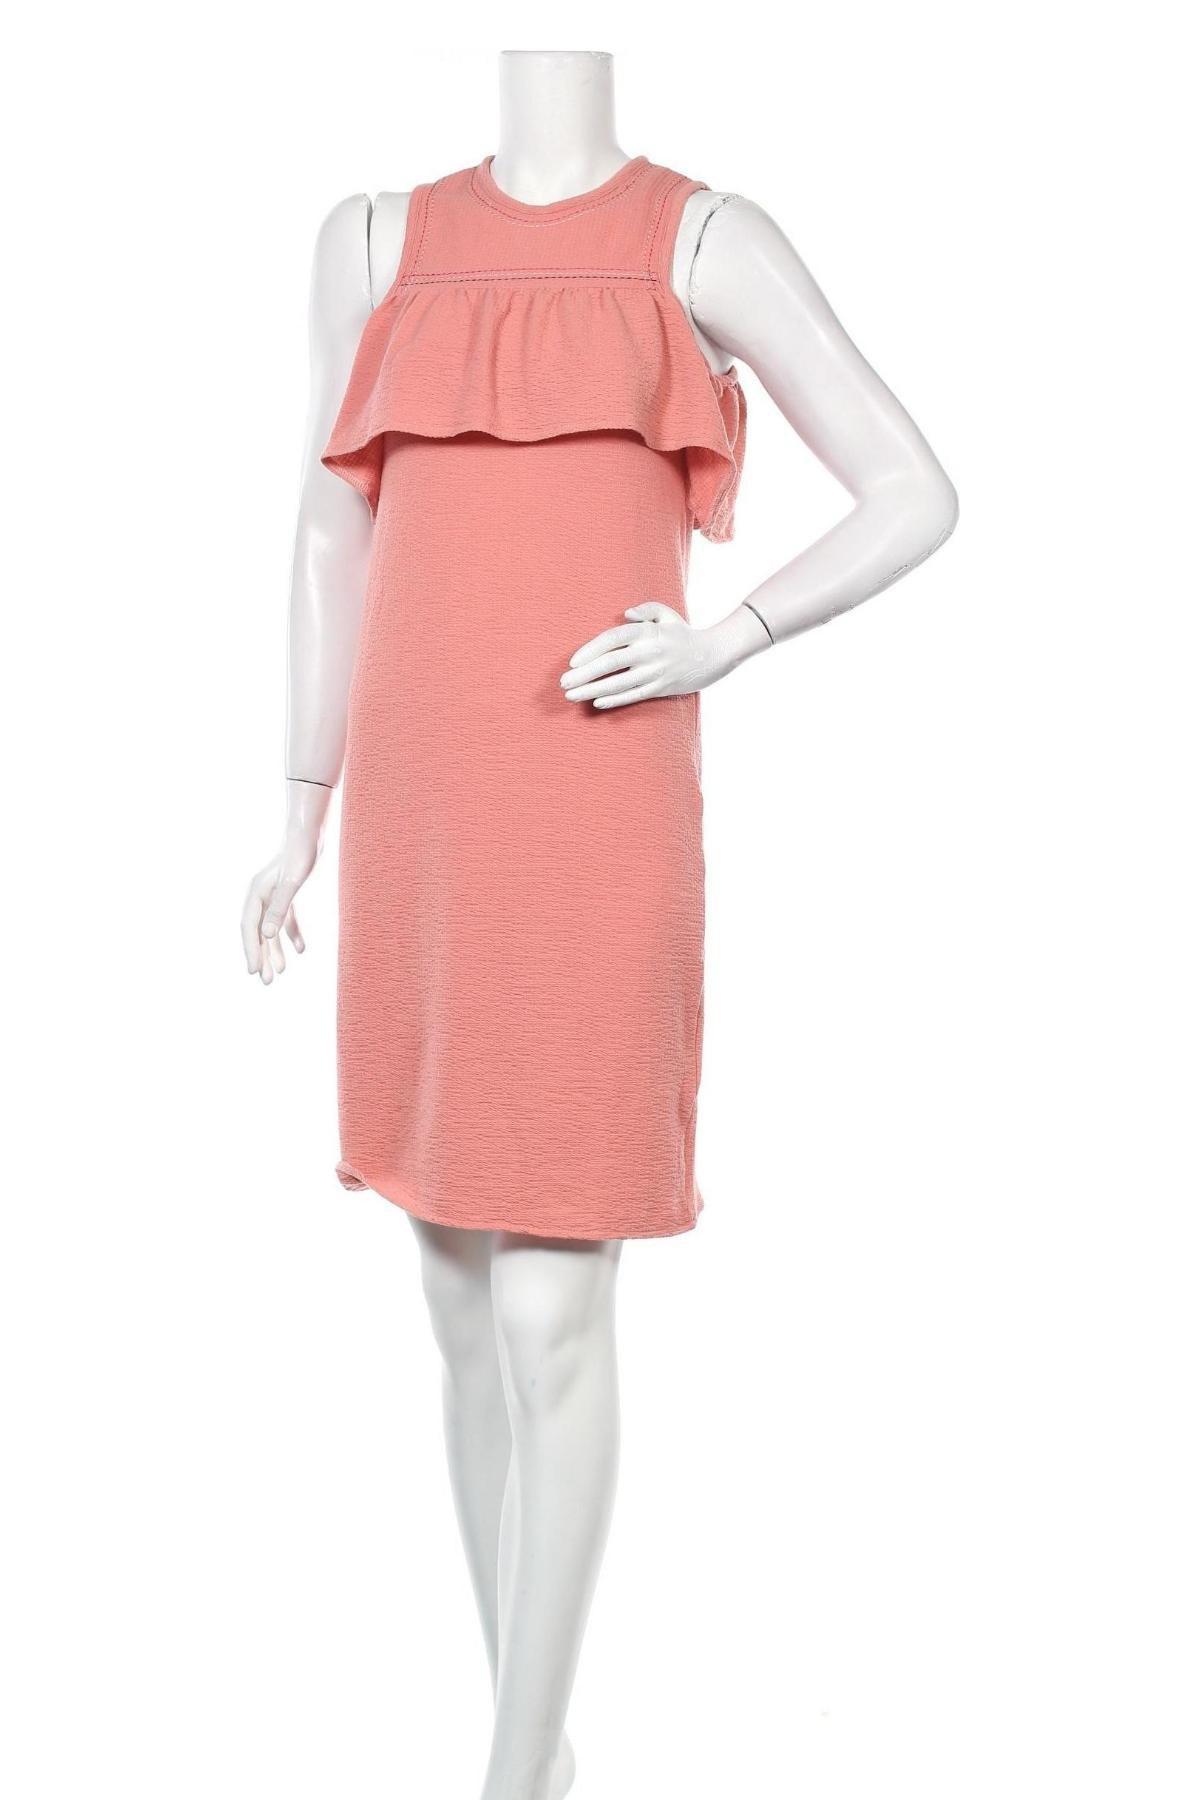 Рокля Teddy Smith, Размер S, Цвят Розов, 100% полиестер, Цена 51,75лв.